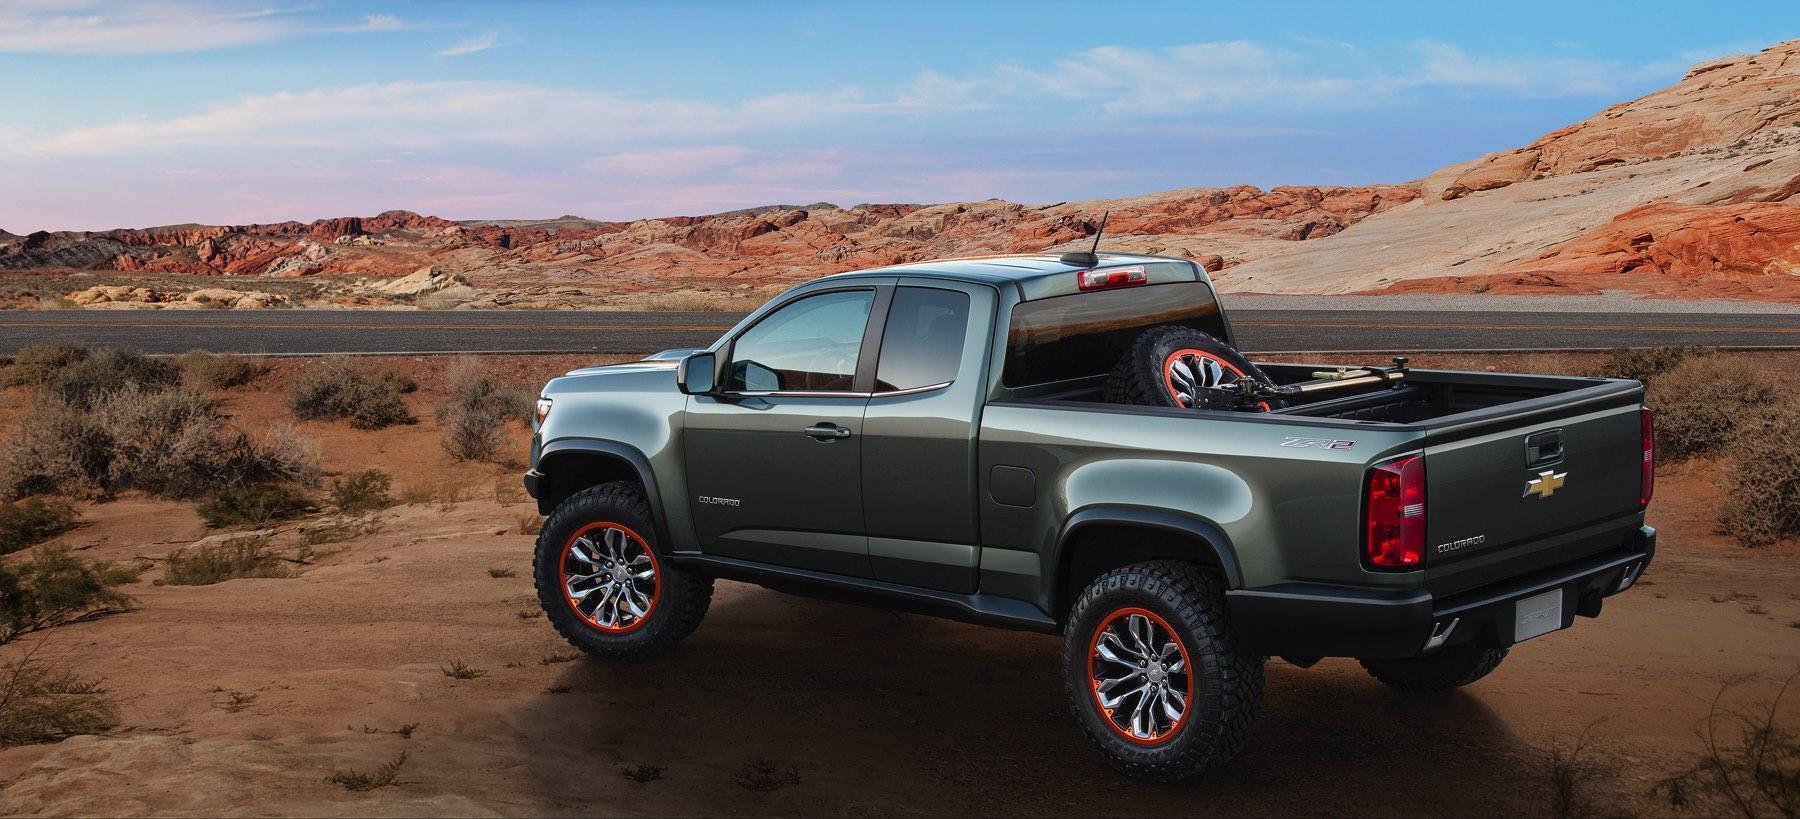 2015-Chevrolet-ColoradoZR2-Concept-143